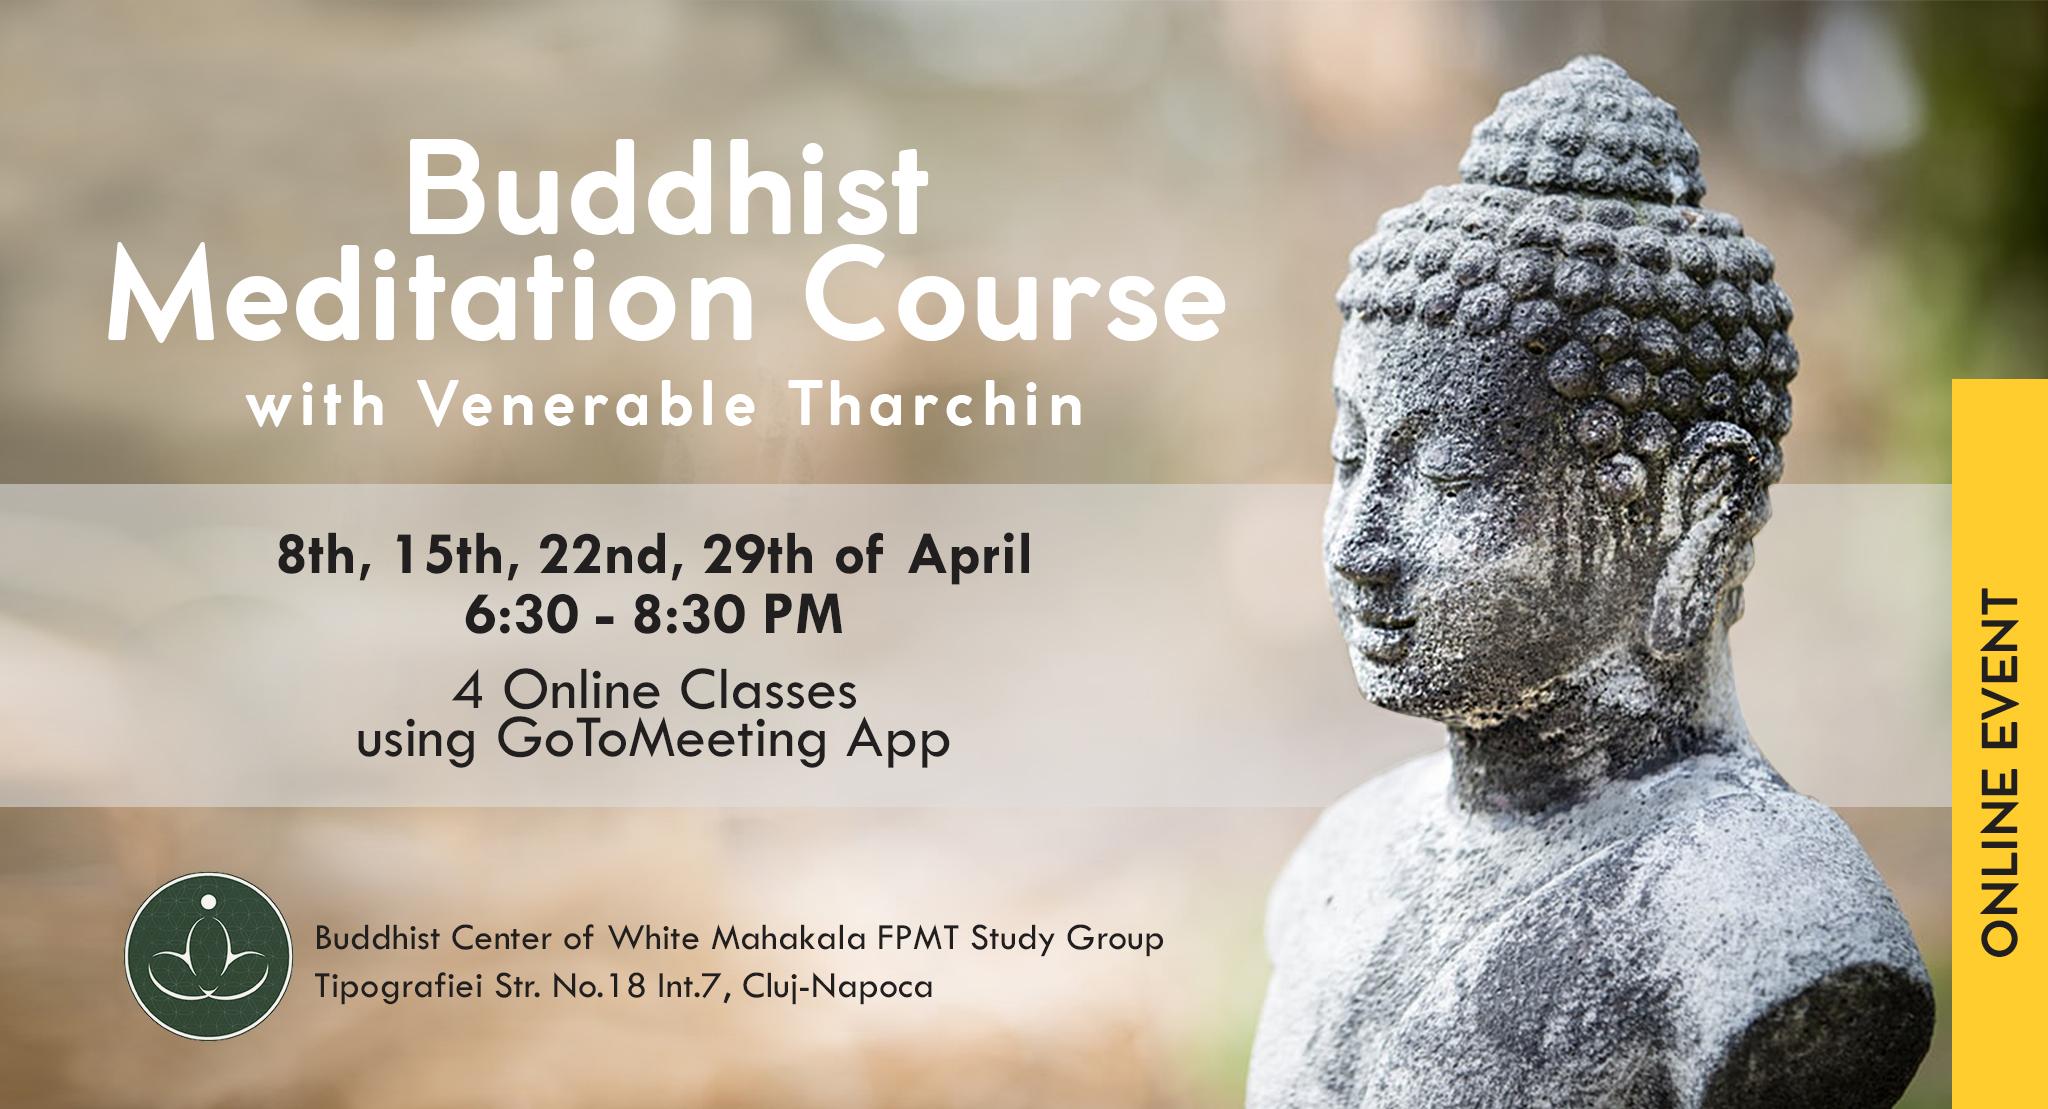 Curs Online Discovering Buddhism/Modulul: Meditatia Budista cu Venerabilul Tharchin